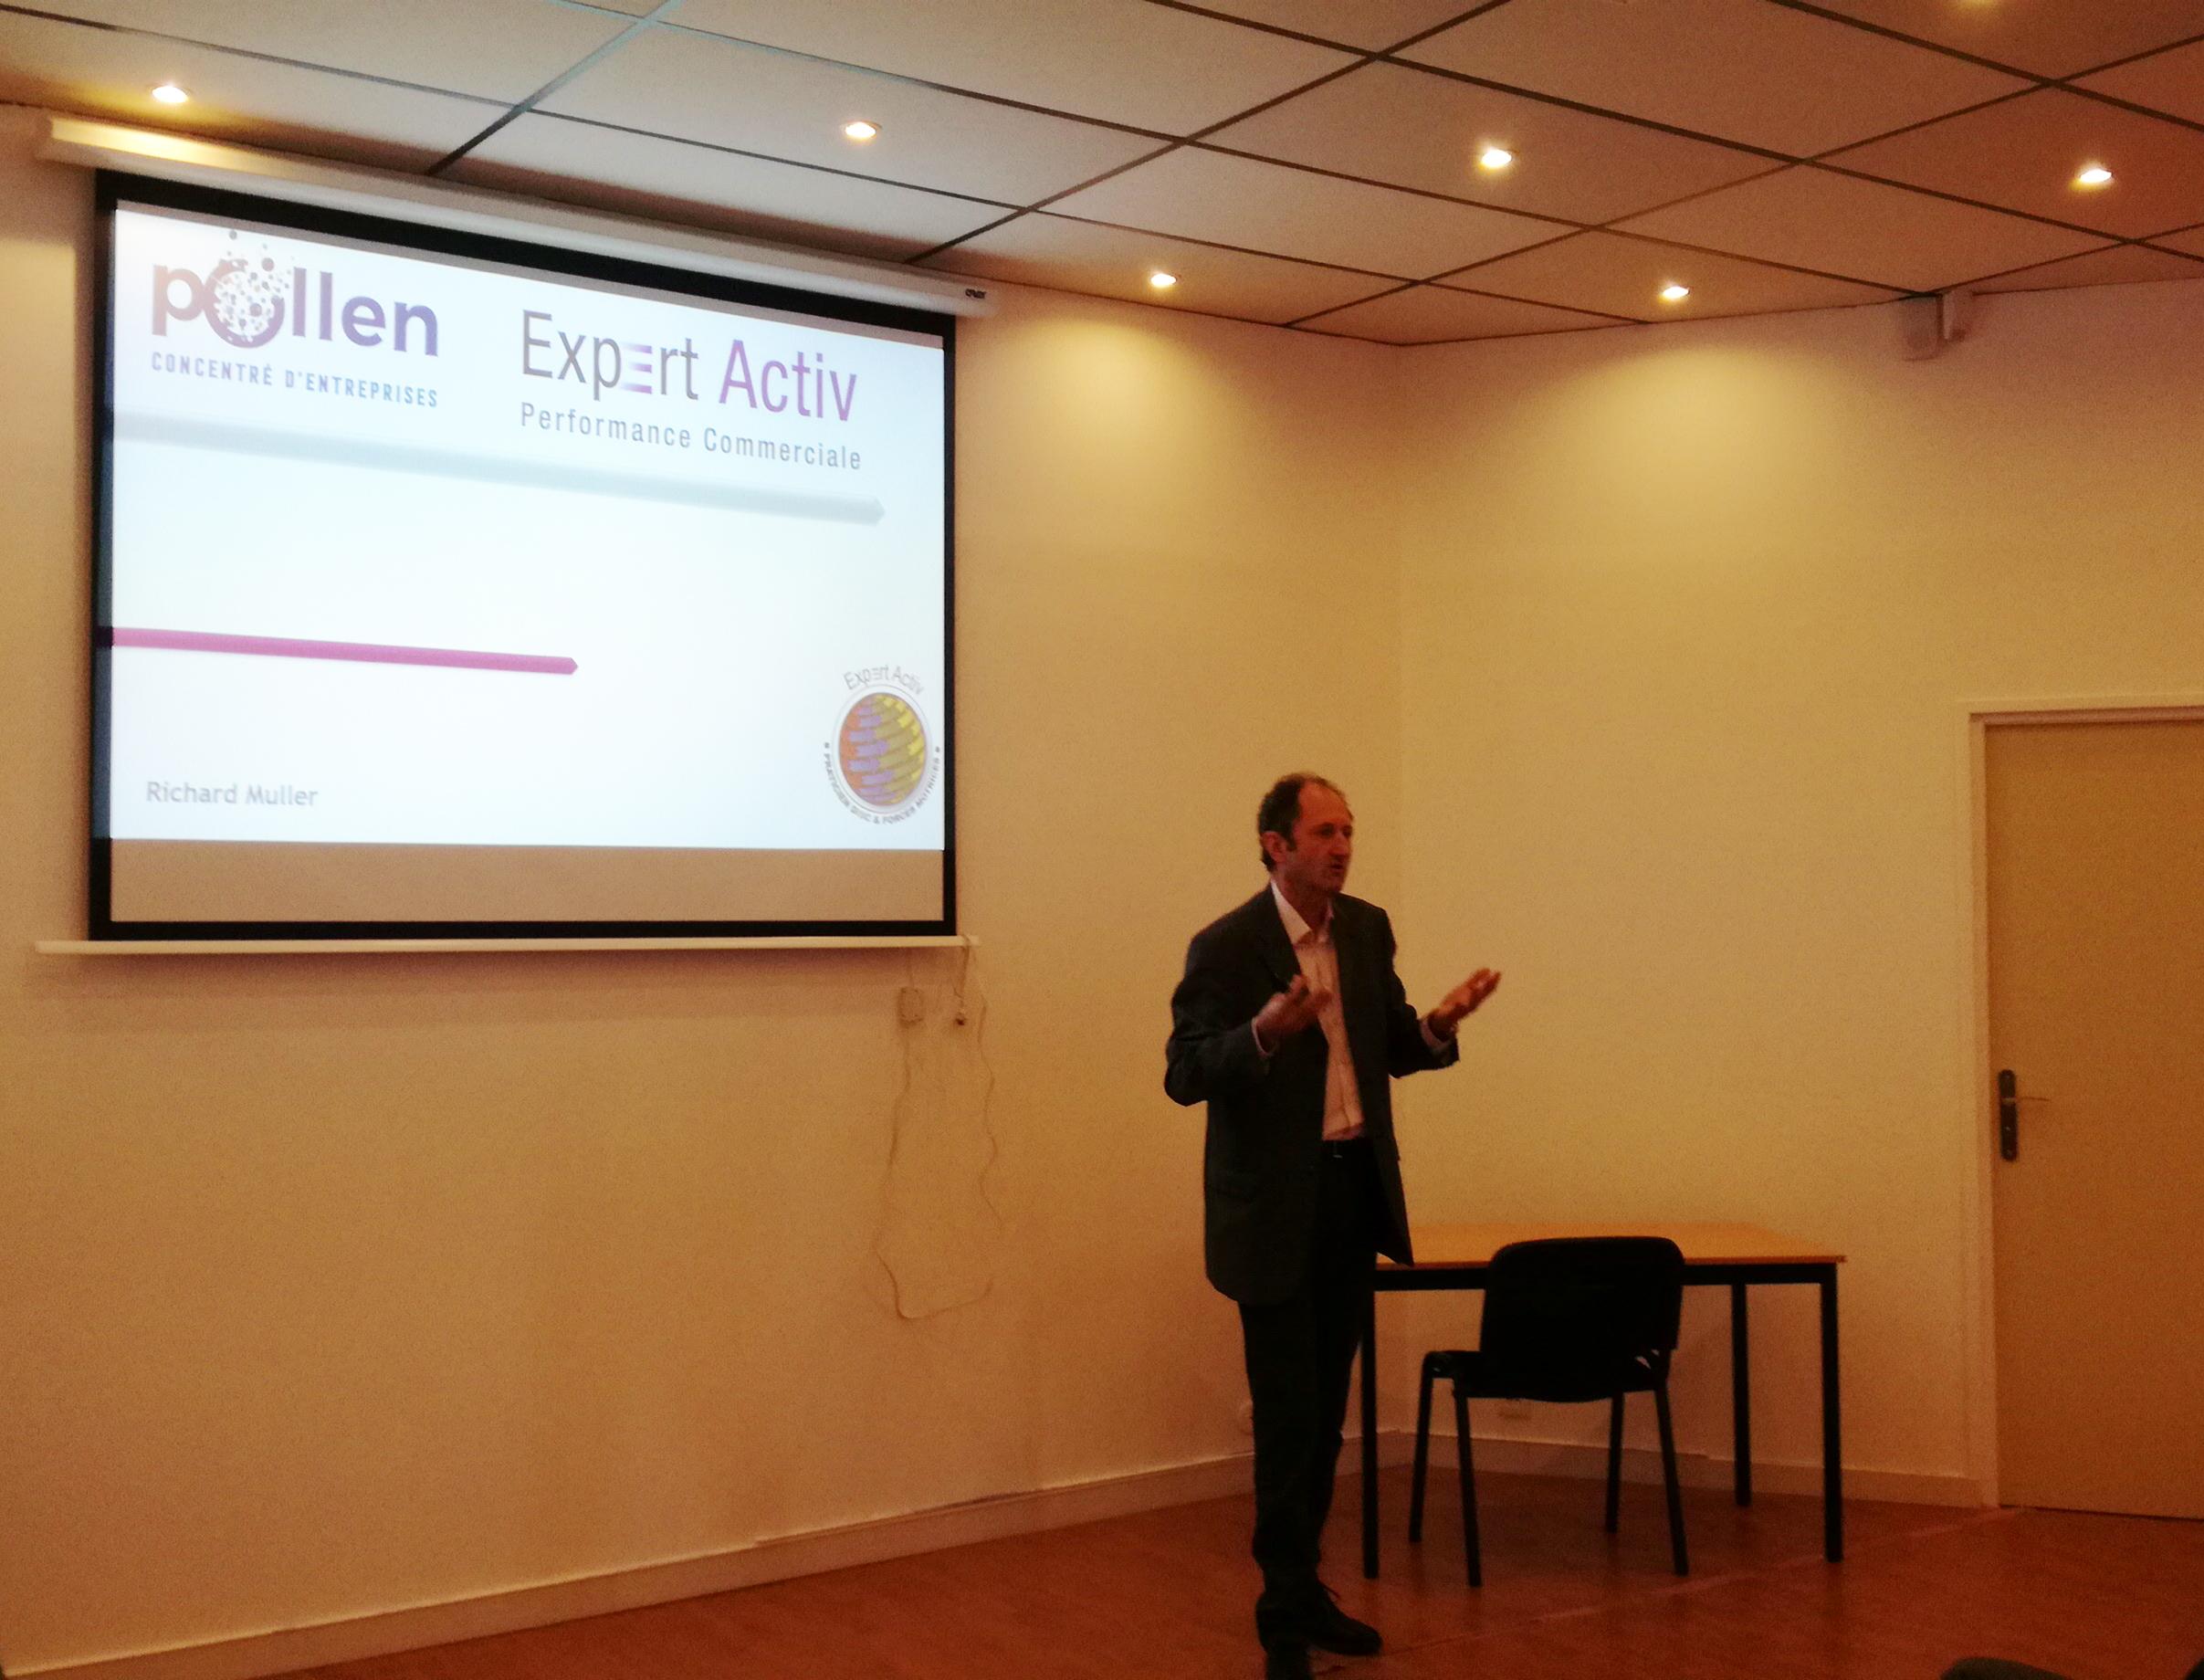 Formation des membres Pollen sur le développement commercial assurée par Richard Muller de Expert Activ